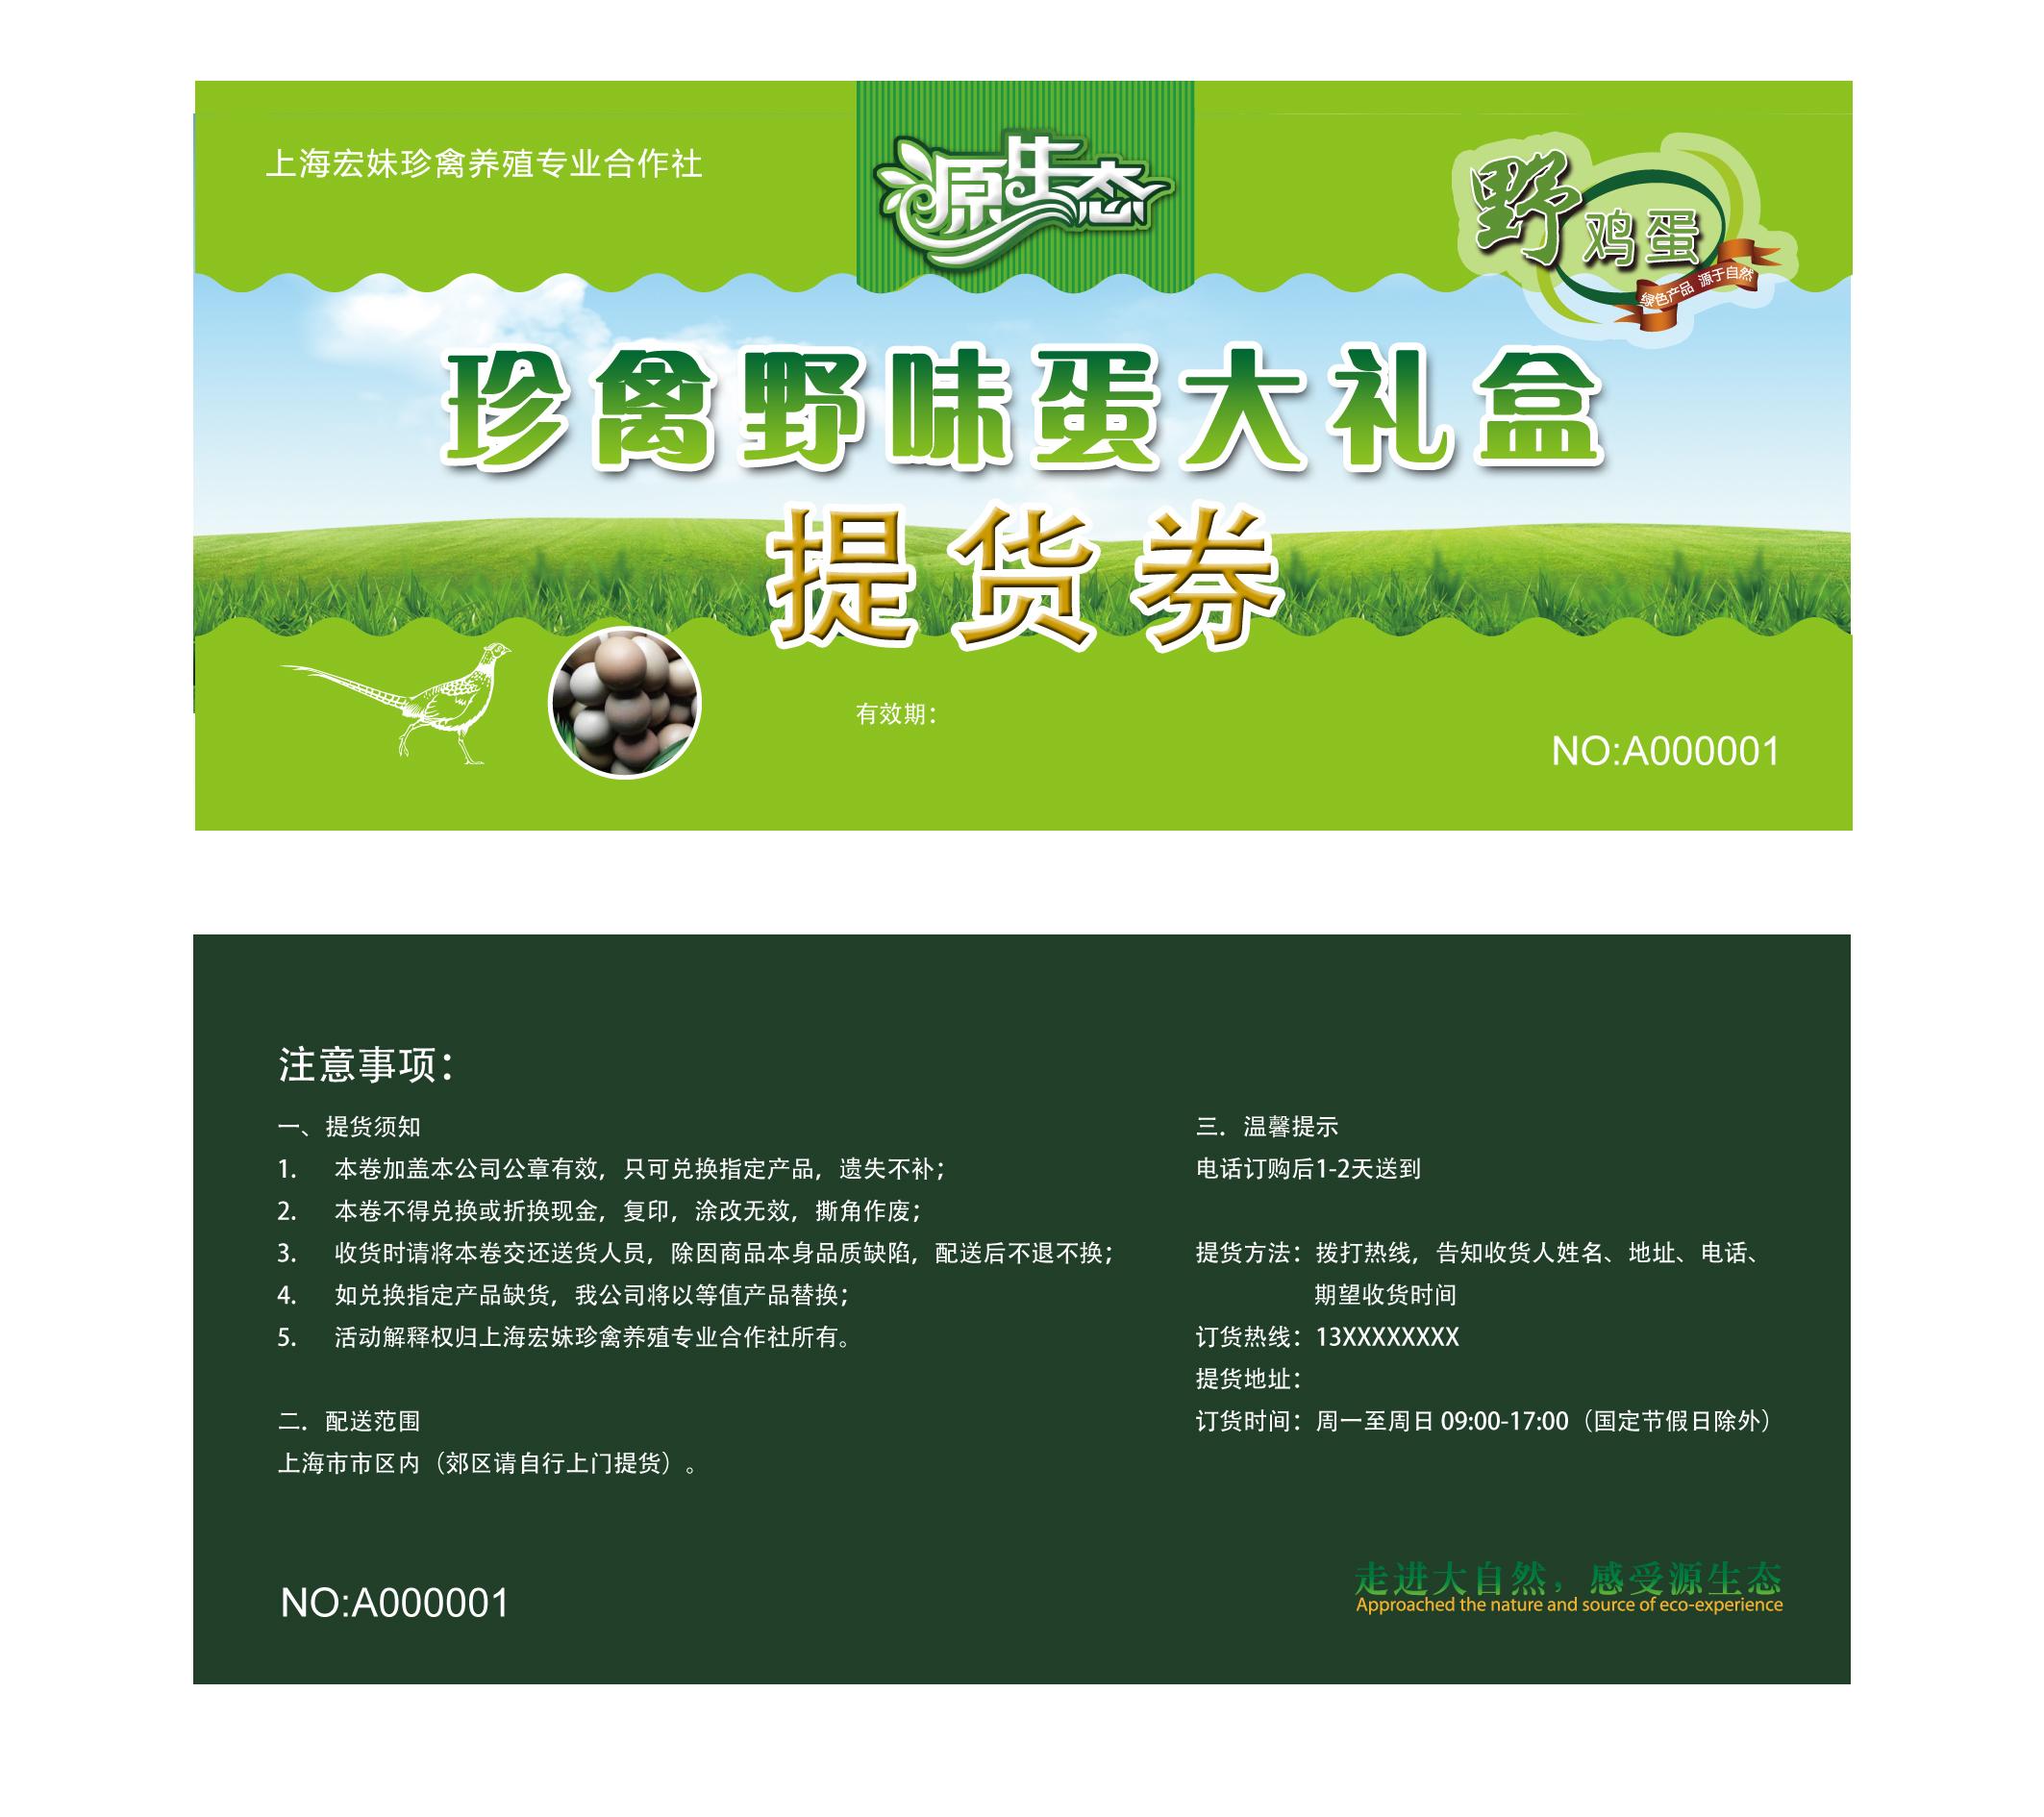 Пакет поставки продовольствия Шанхай электронной почте купоны действительны для покупки Бесплатная доставка ваучера диких яйцо коробки забрать билеты 30